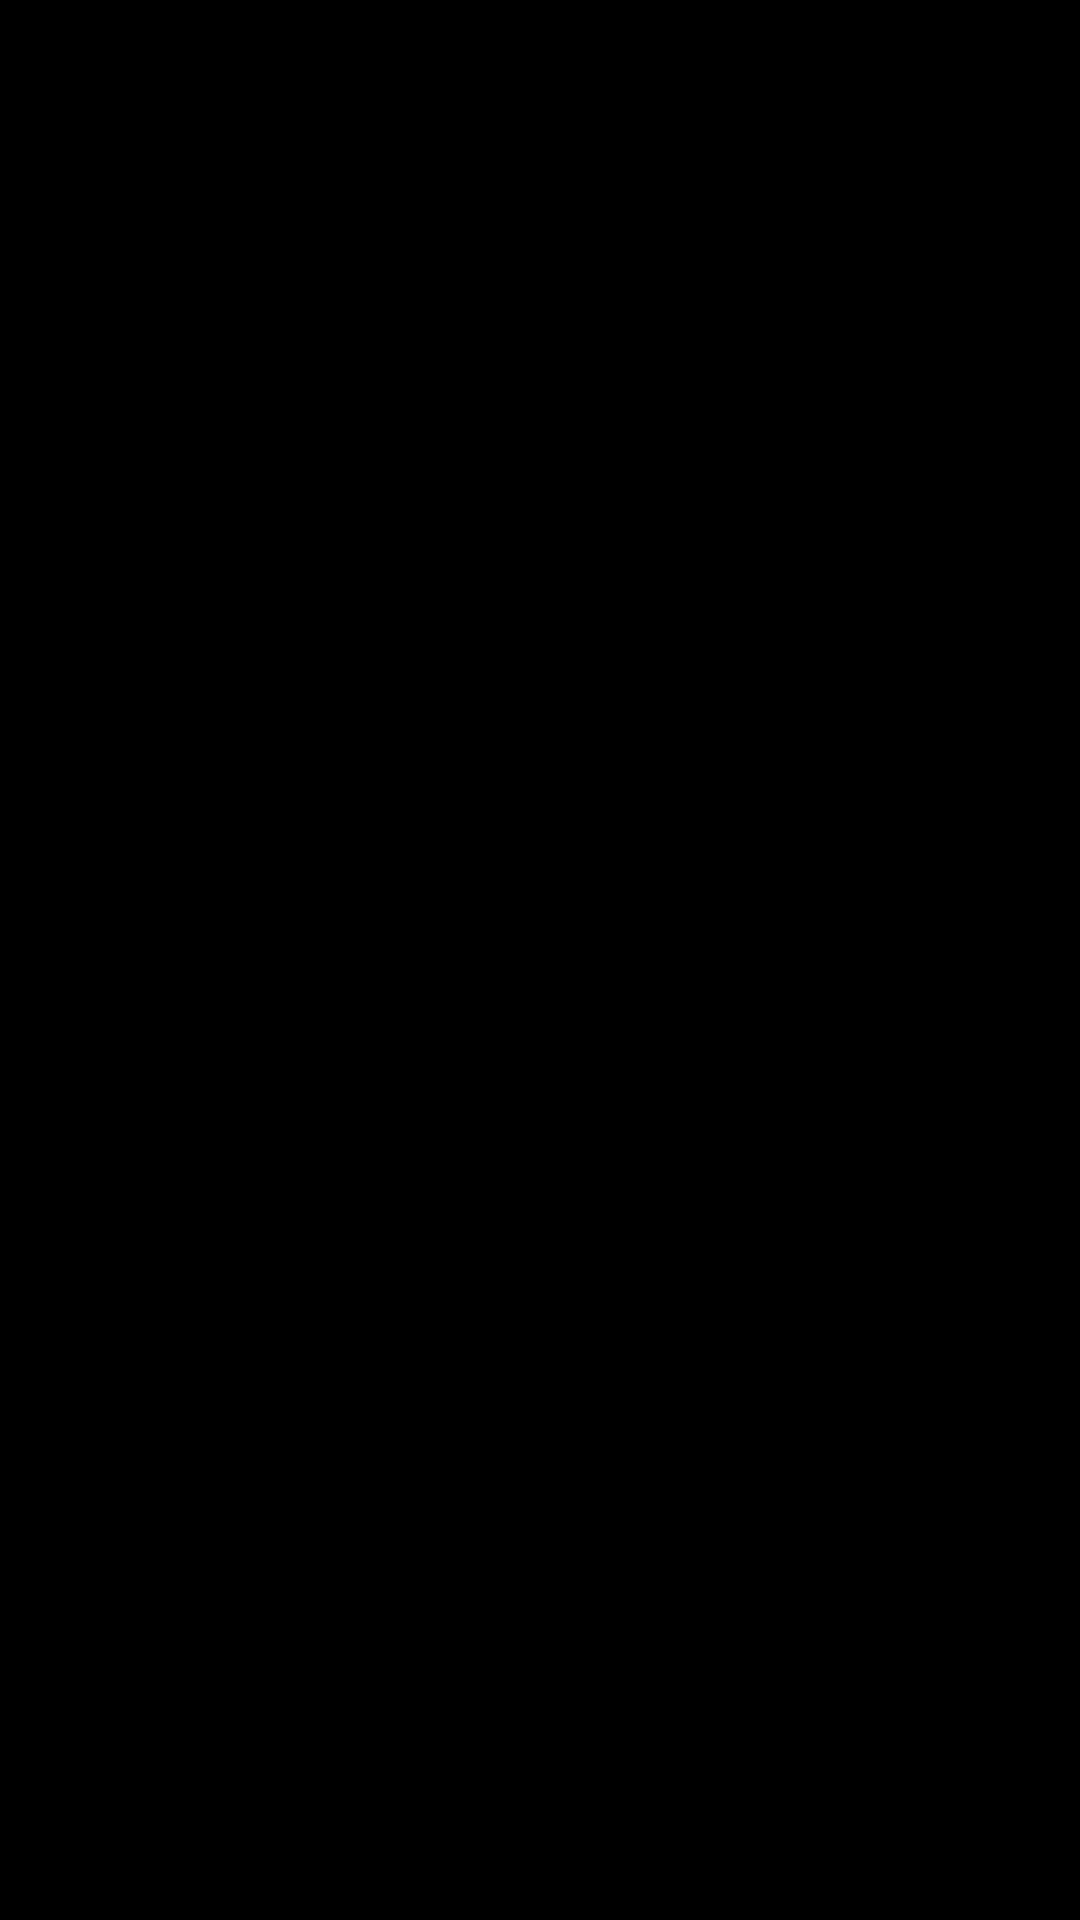 شرح تصميم توقيع سناب احترافي في دقيقيه Youtube